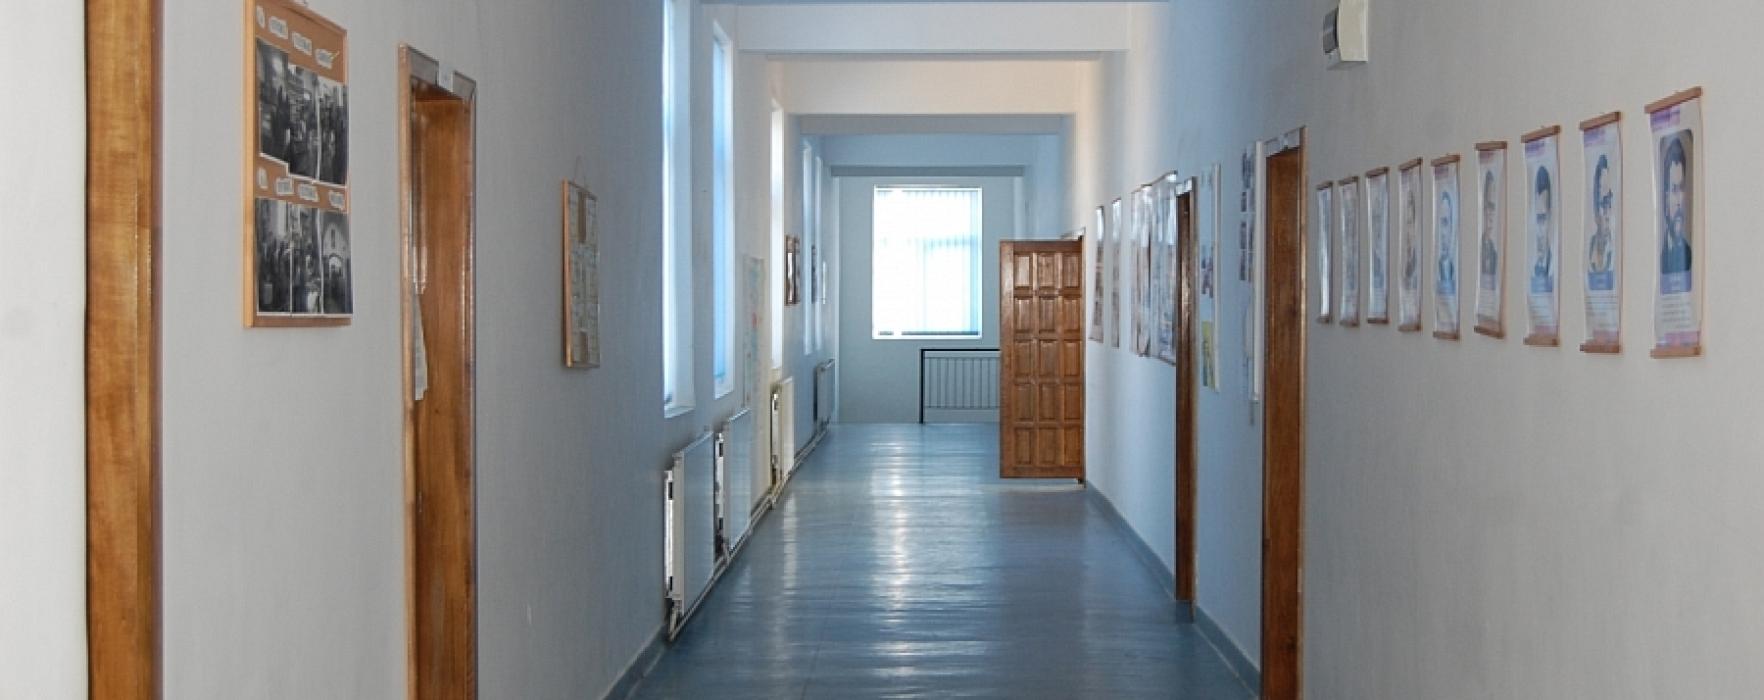 22 de şcoli din Dâmboviţa fără aviz sanitar